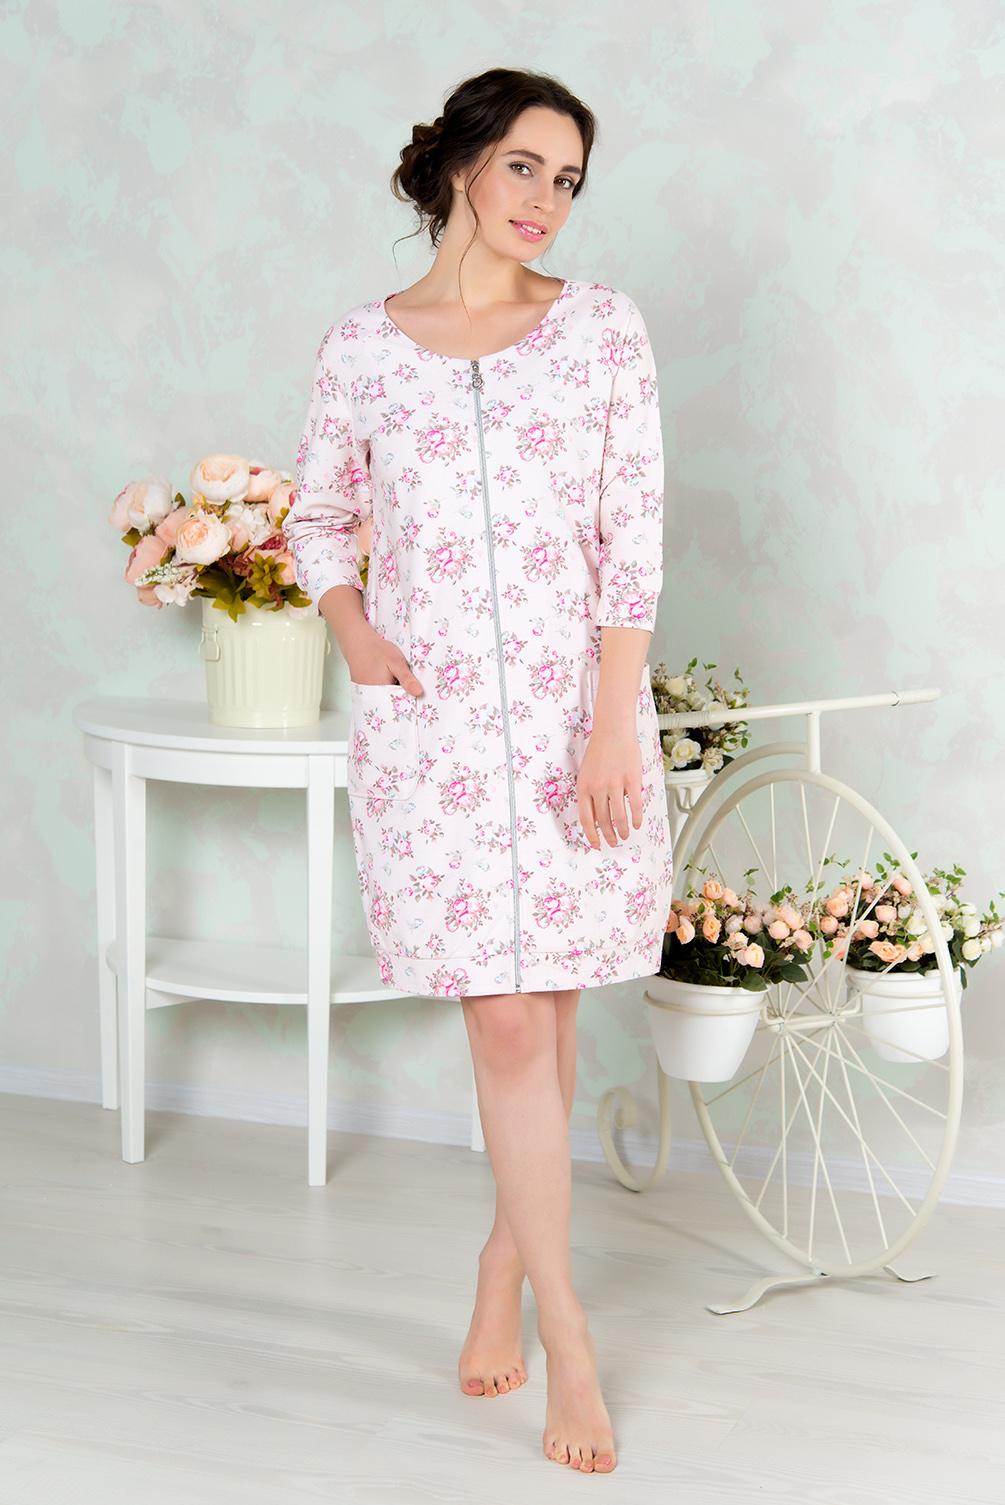 Халат женский Mia Cara, цвет: розовый. AW16-MCUZ-848. Размер 42/44 пижама женская mia cara футболка шорты цвет розовый бежевый ss16 mcuz 293 размер 50 52